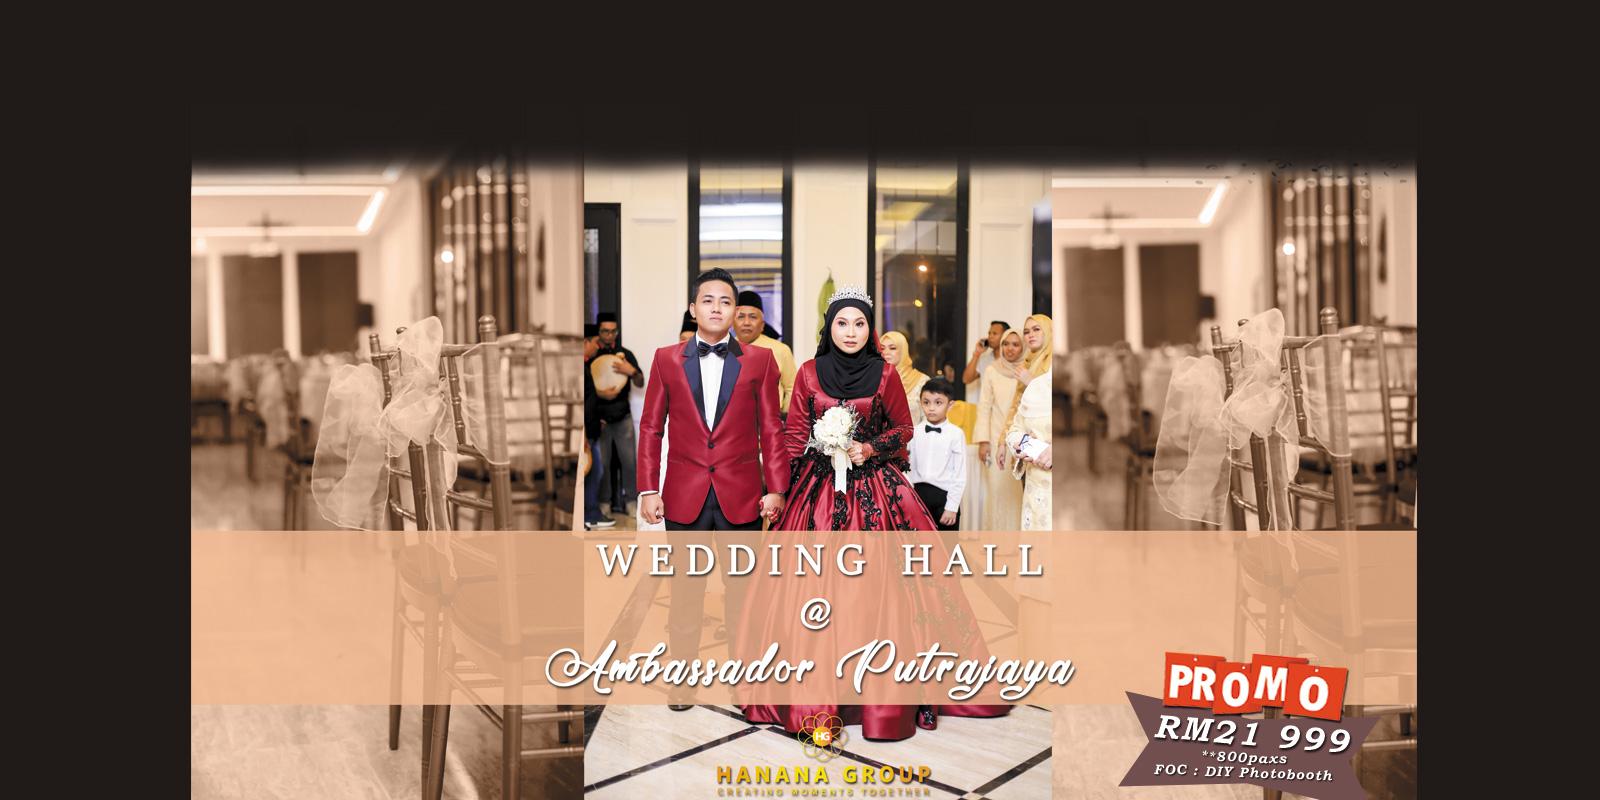 wedding_hall_at_putrajaya_2019_2020_2021_2022